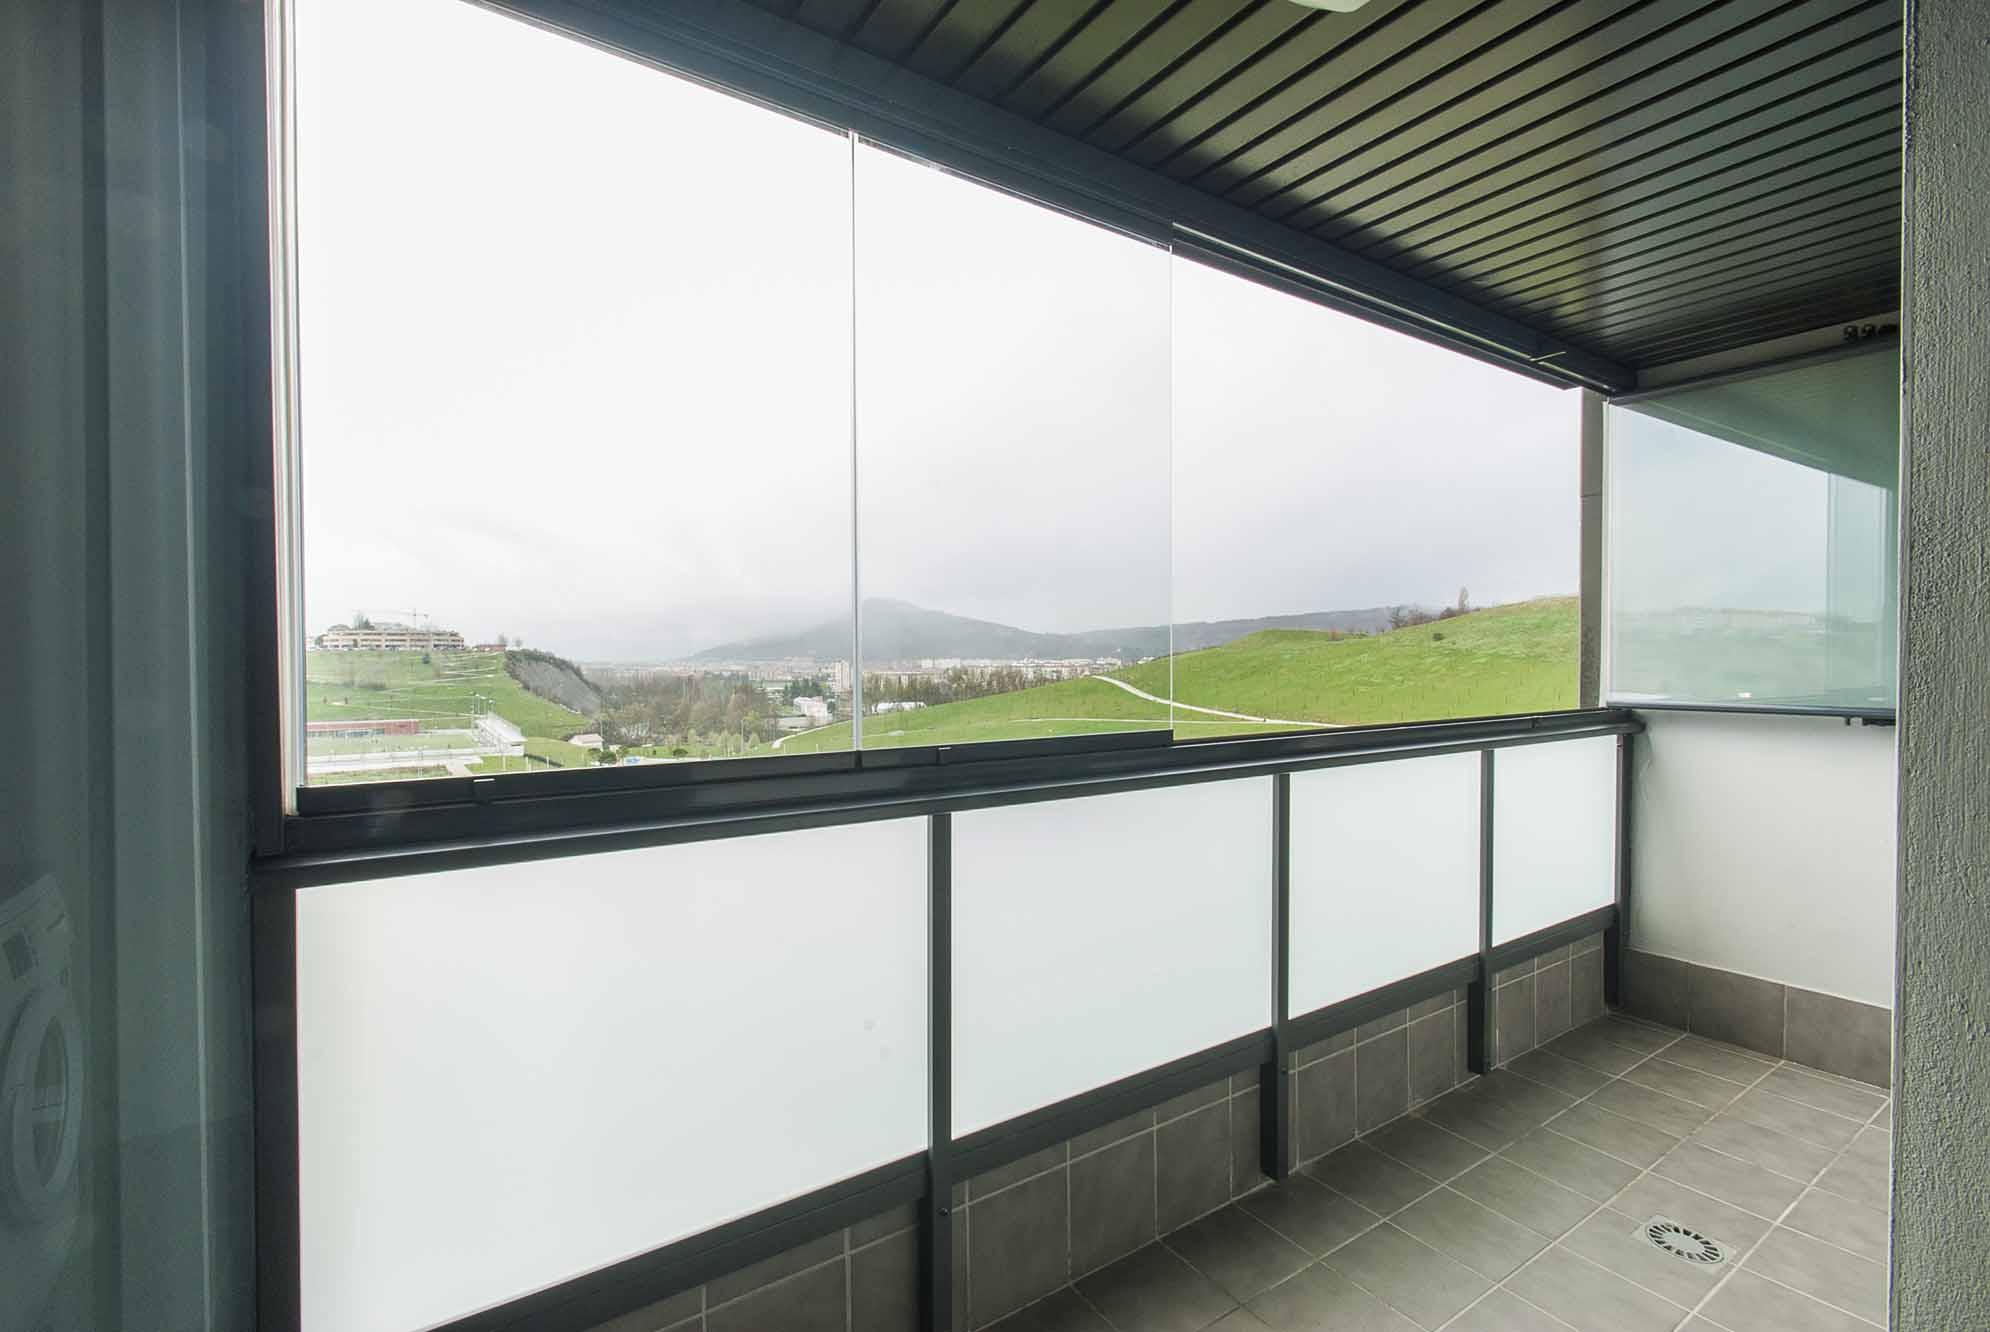 Echarri cristal navarra cortinas correderas de cristal for Acristalamiento de terrazas precios